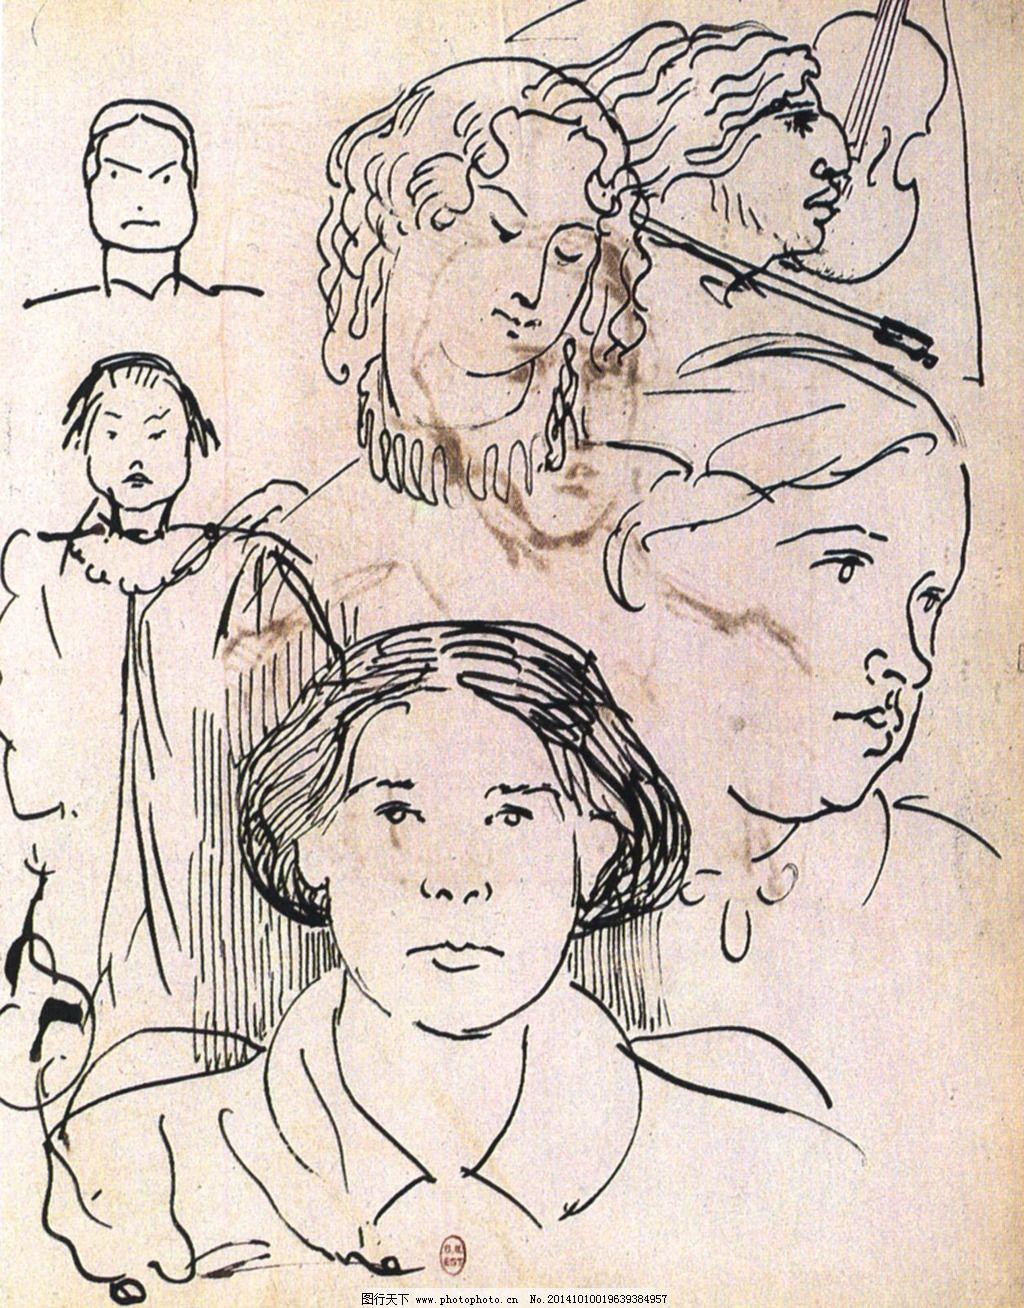 名画 人物 手绘 素描 唯美 线条 素描 人物 线条 唯美 手绘 名画 图片